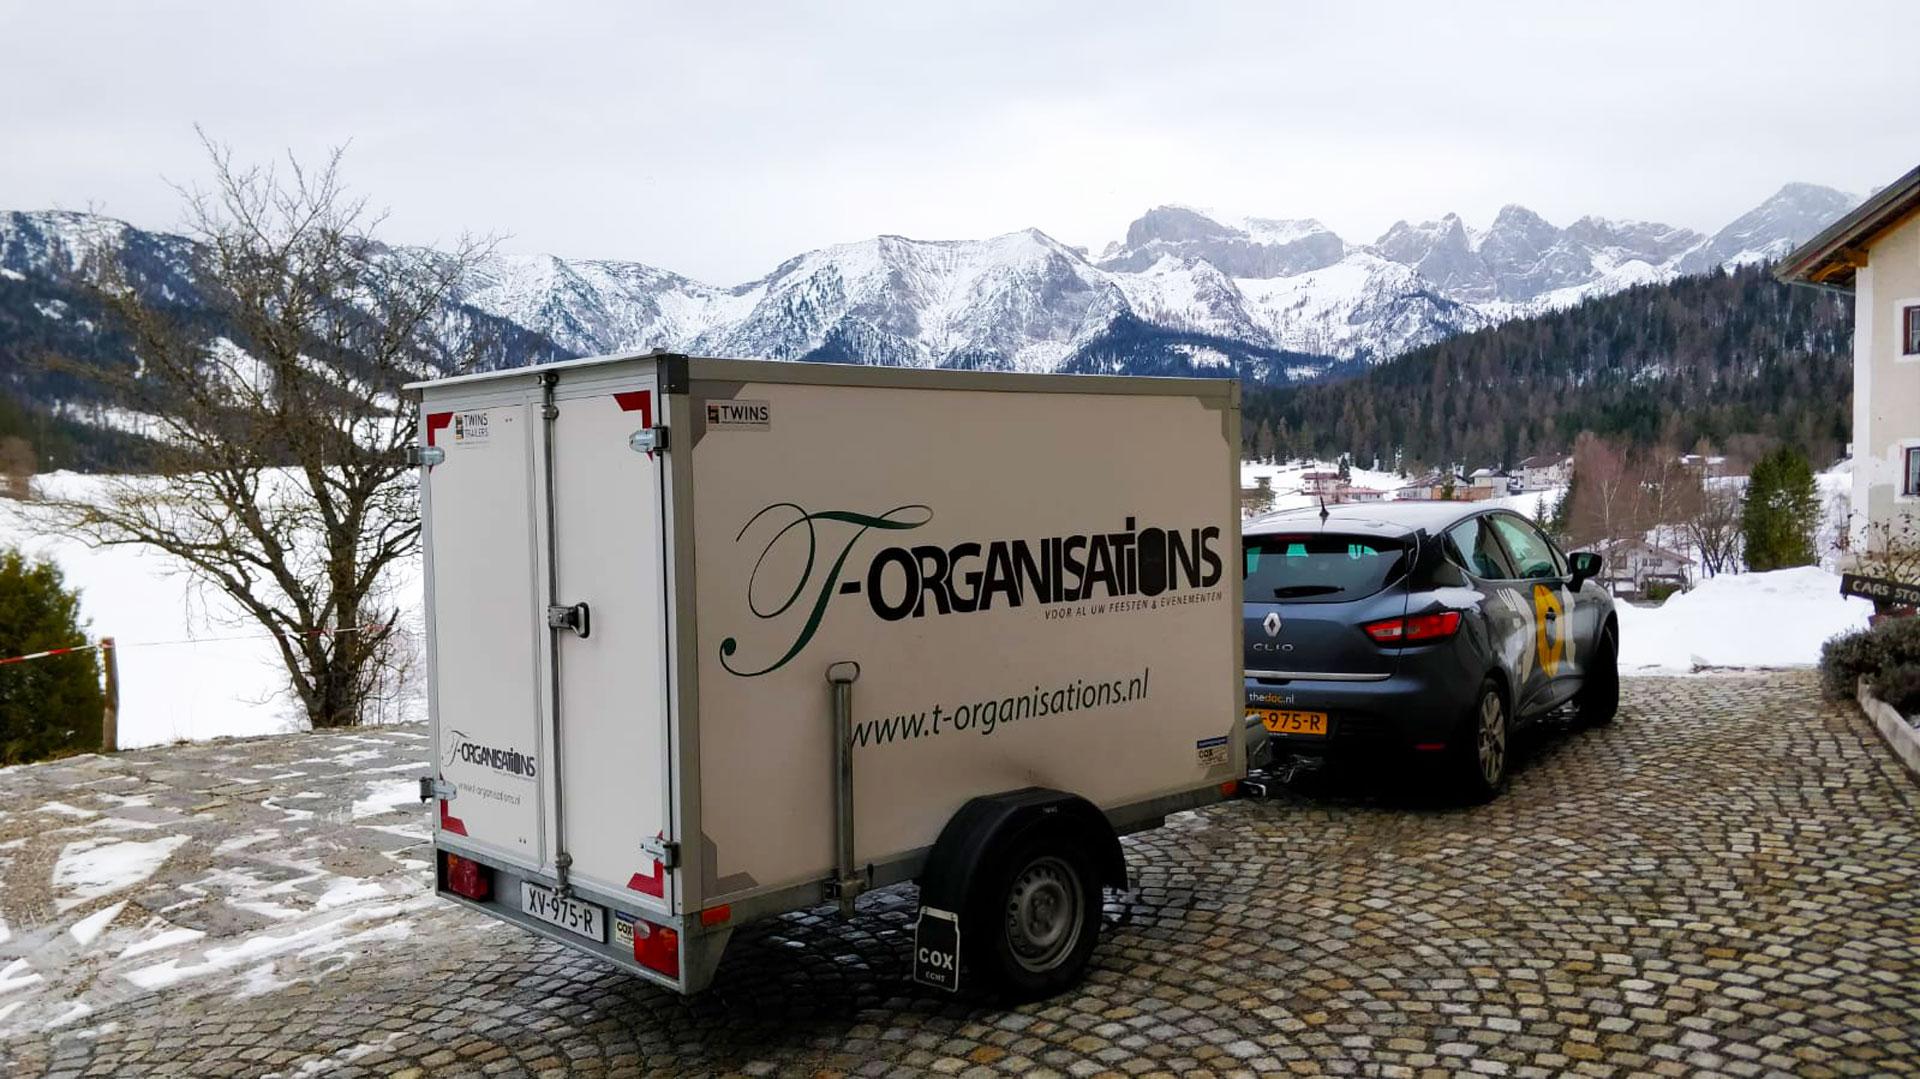 logo t-organisations